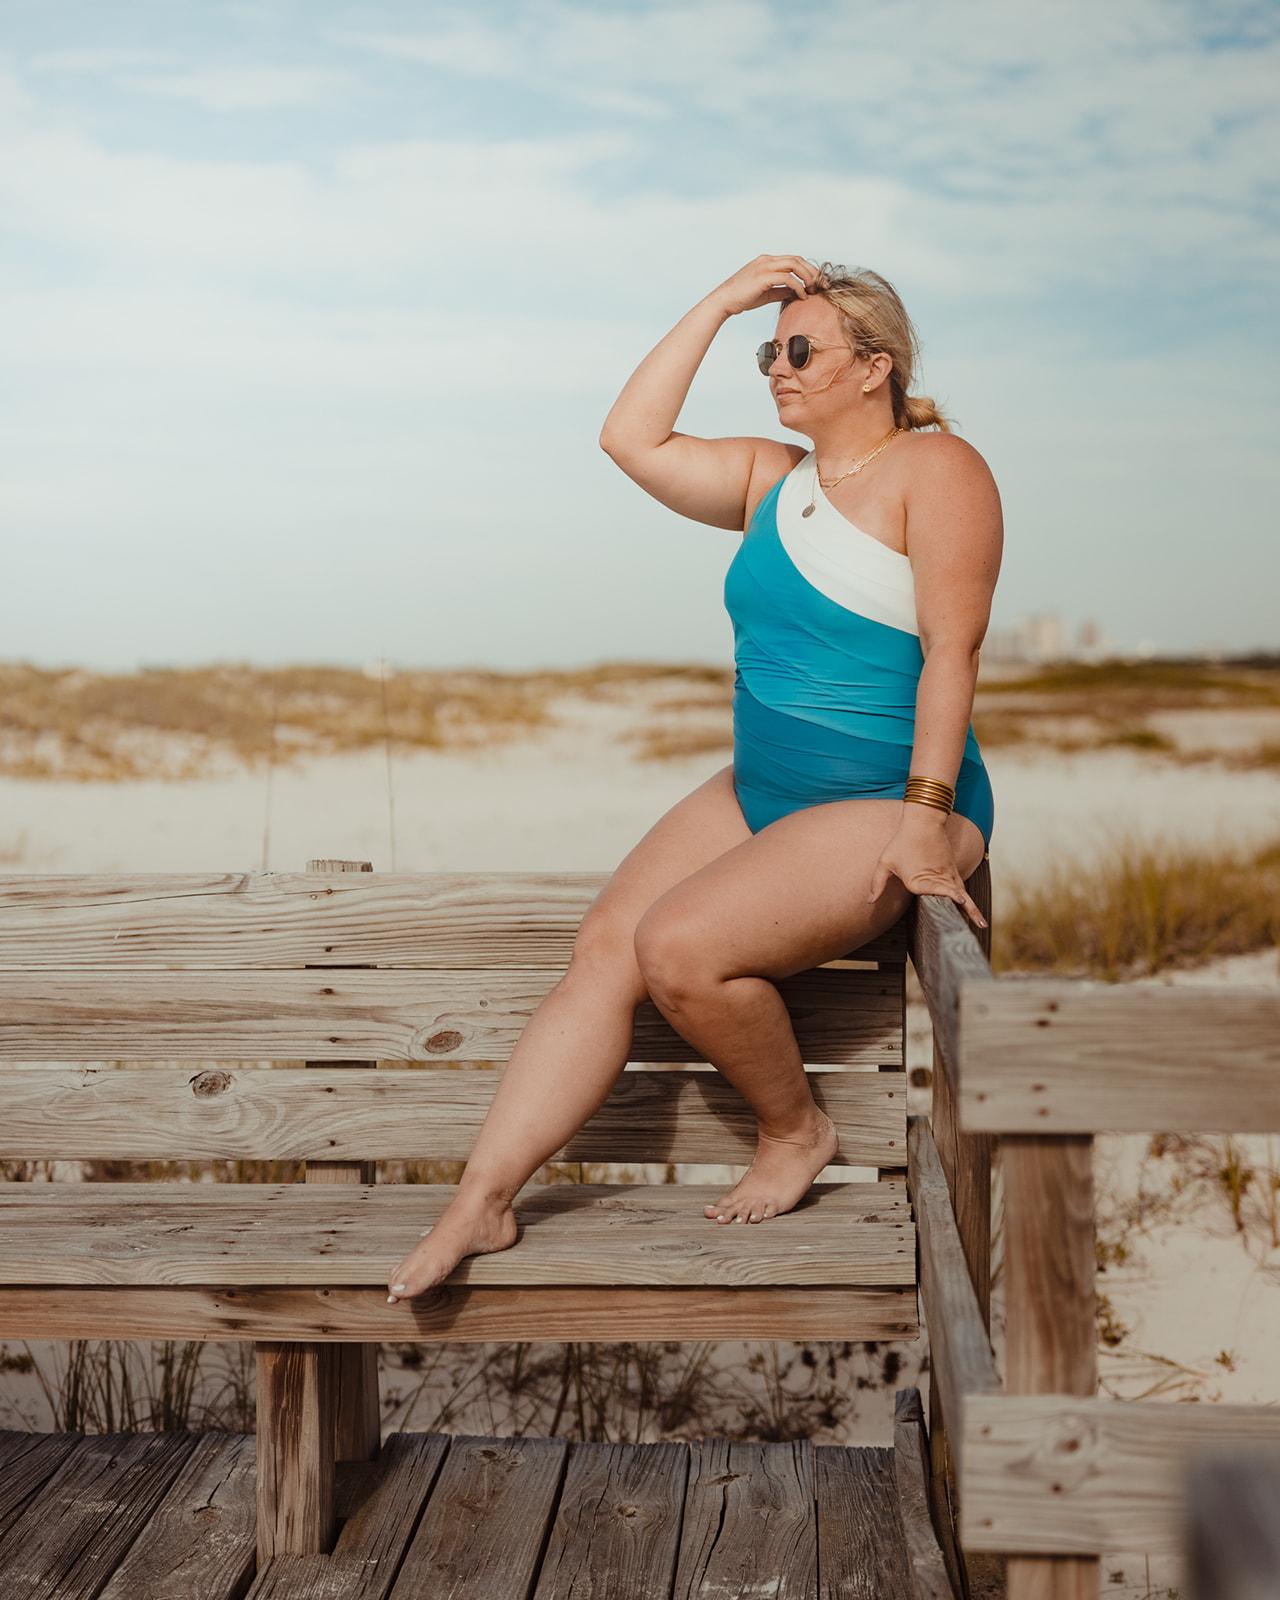 Summersalt Sidestroke One Piece Swimsuit